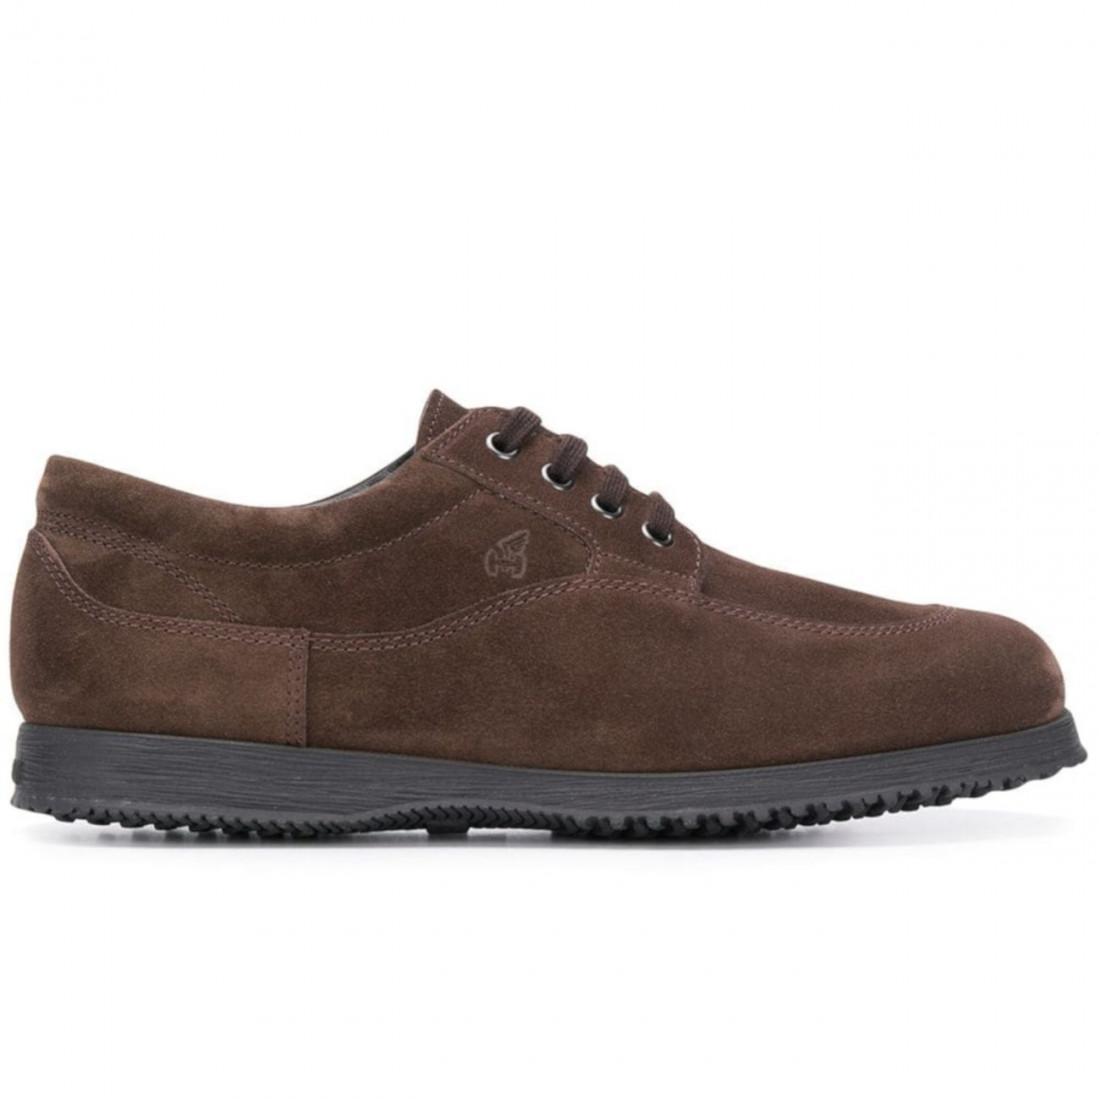 sneakers herren hogan hxm00e00110hg0s807 4956